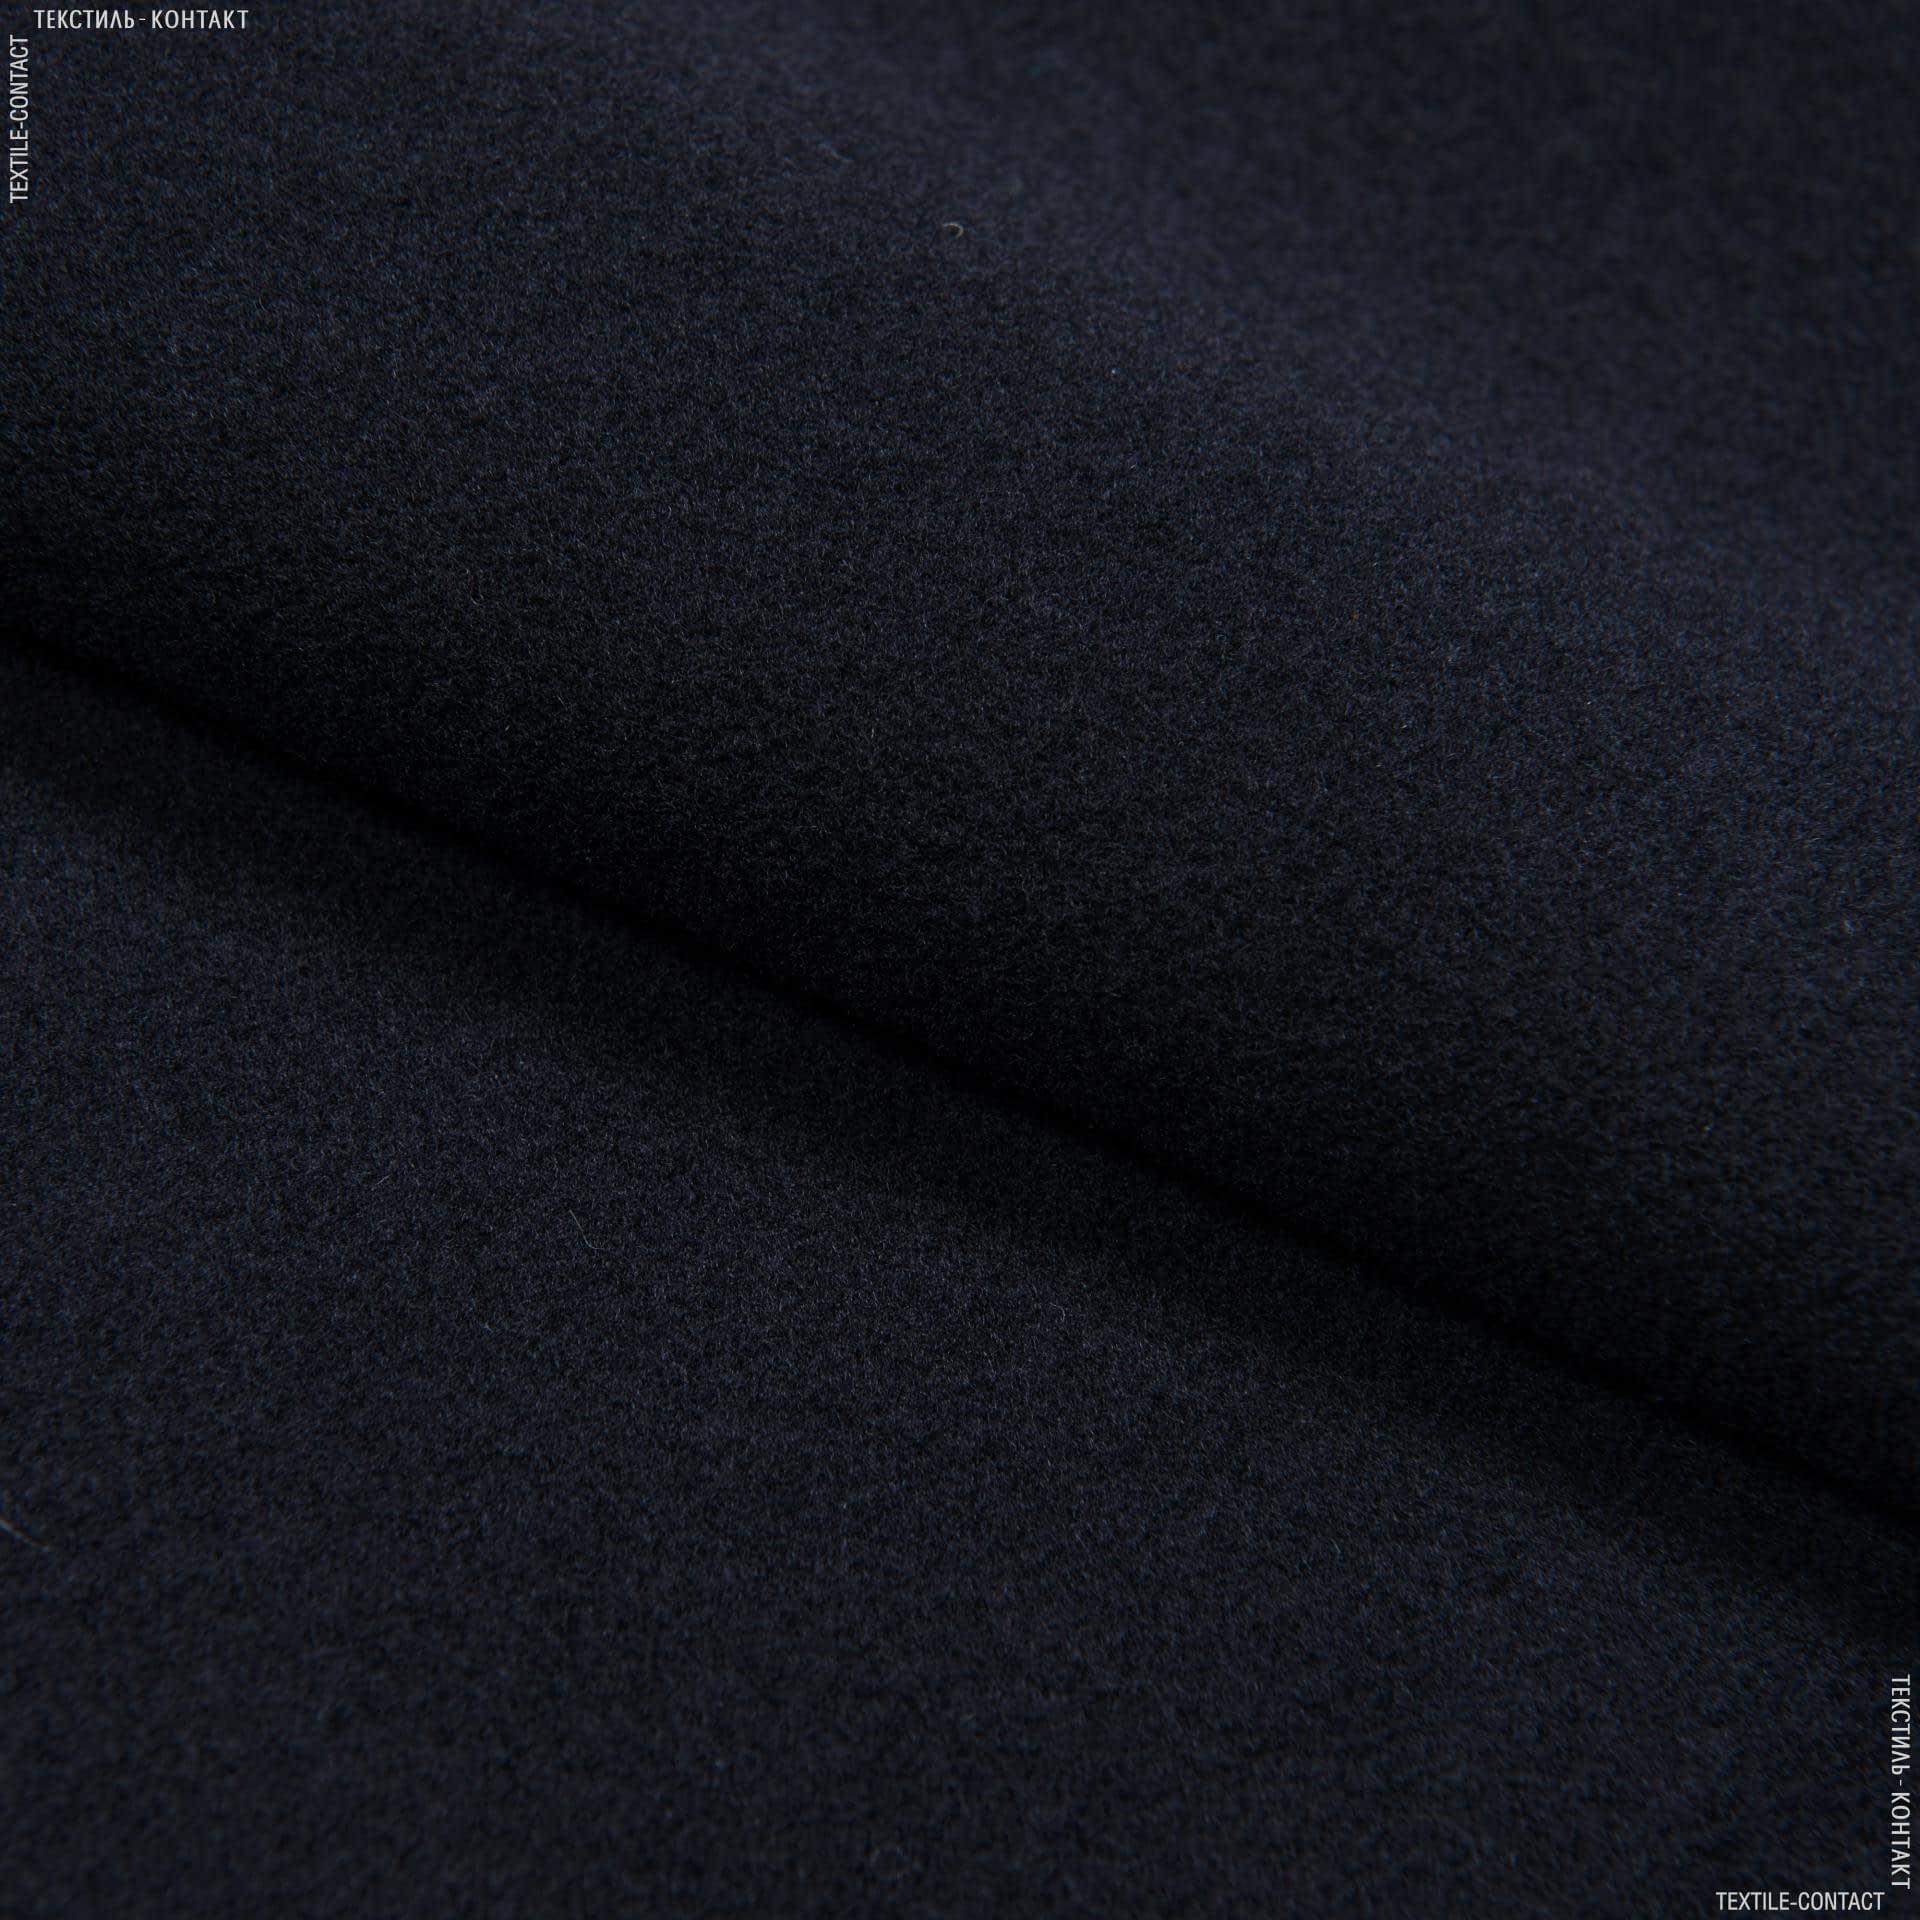 Тканини для верхнього одягу - Пальтовий кашемір вірджинія темно-синій